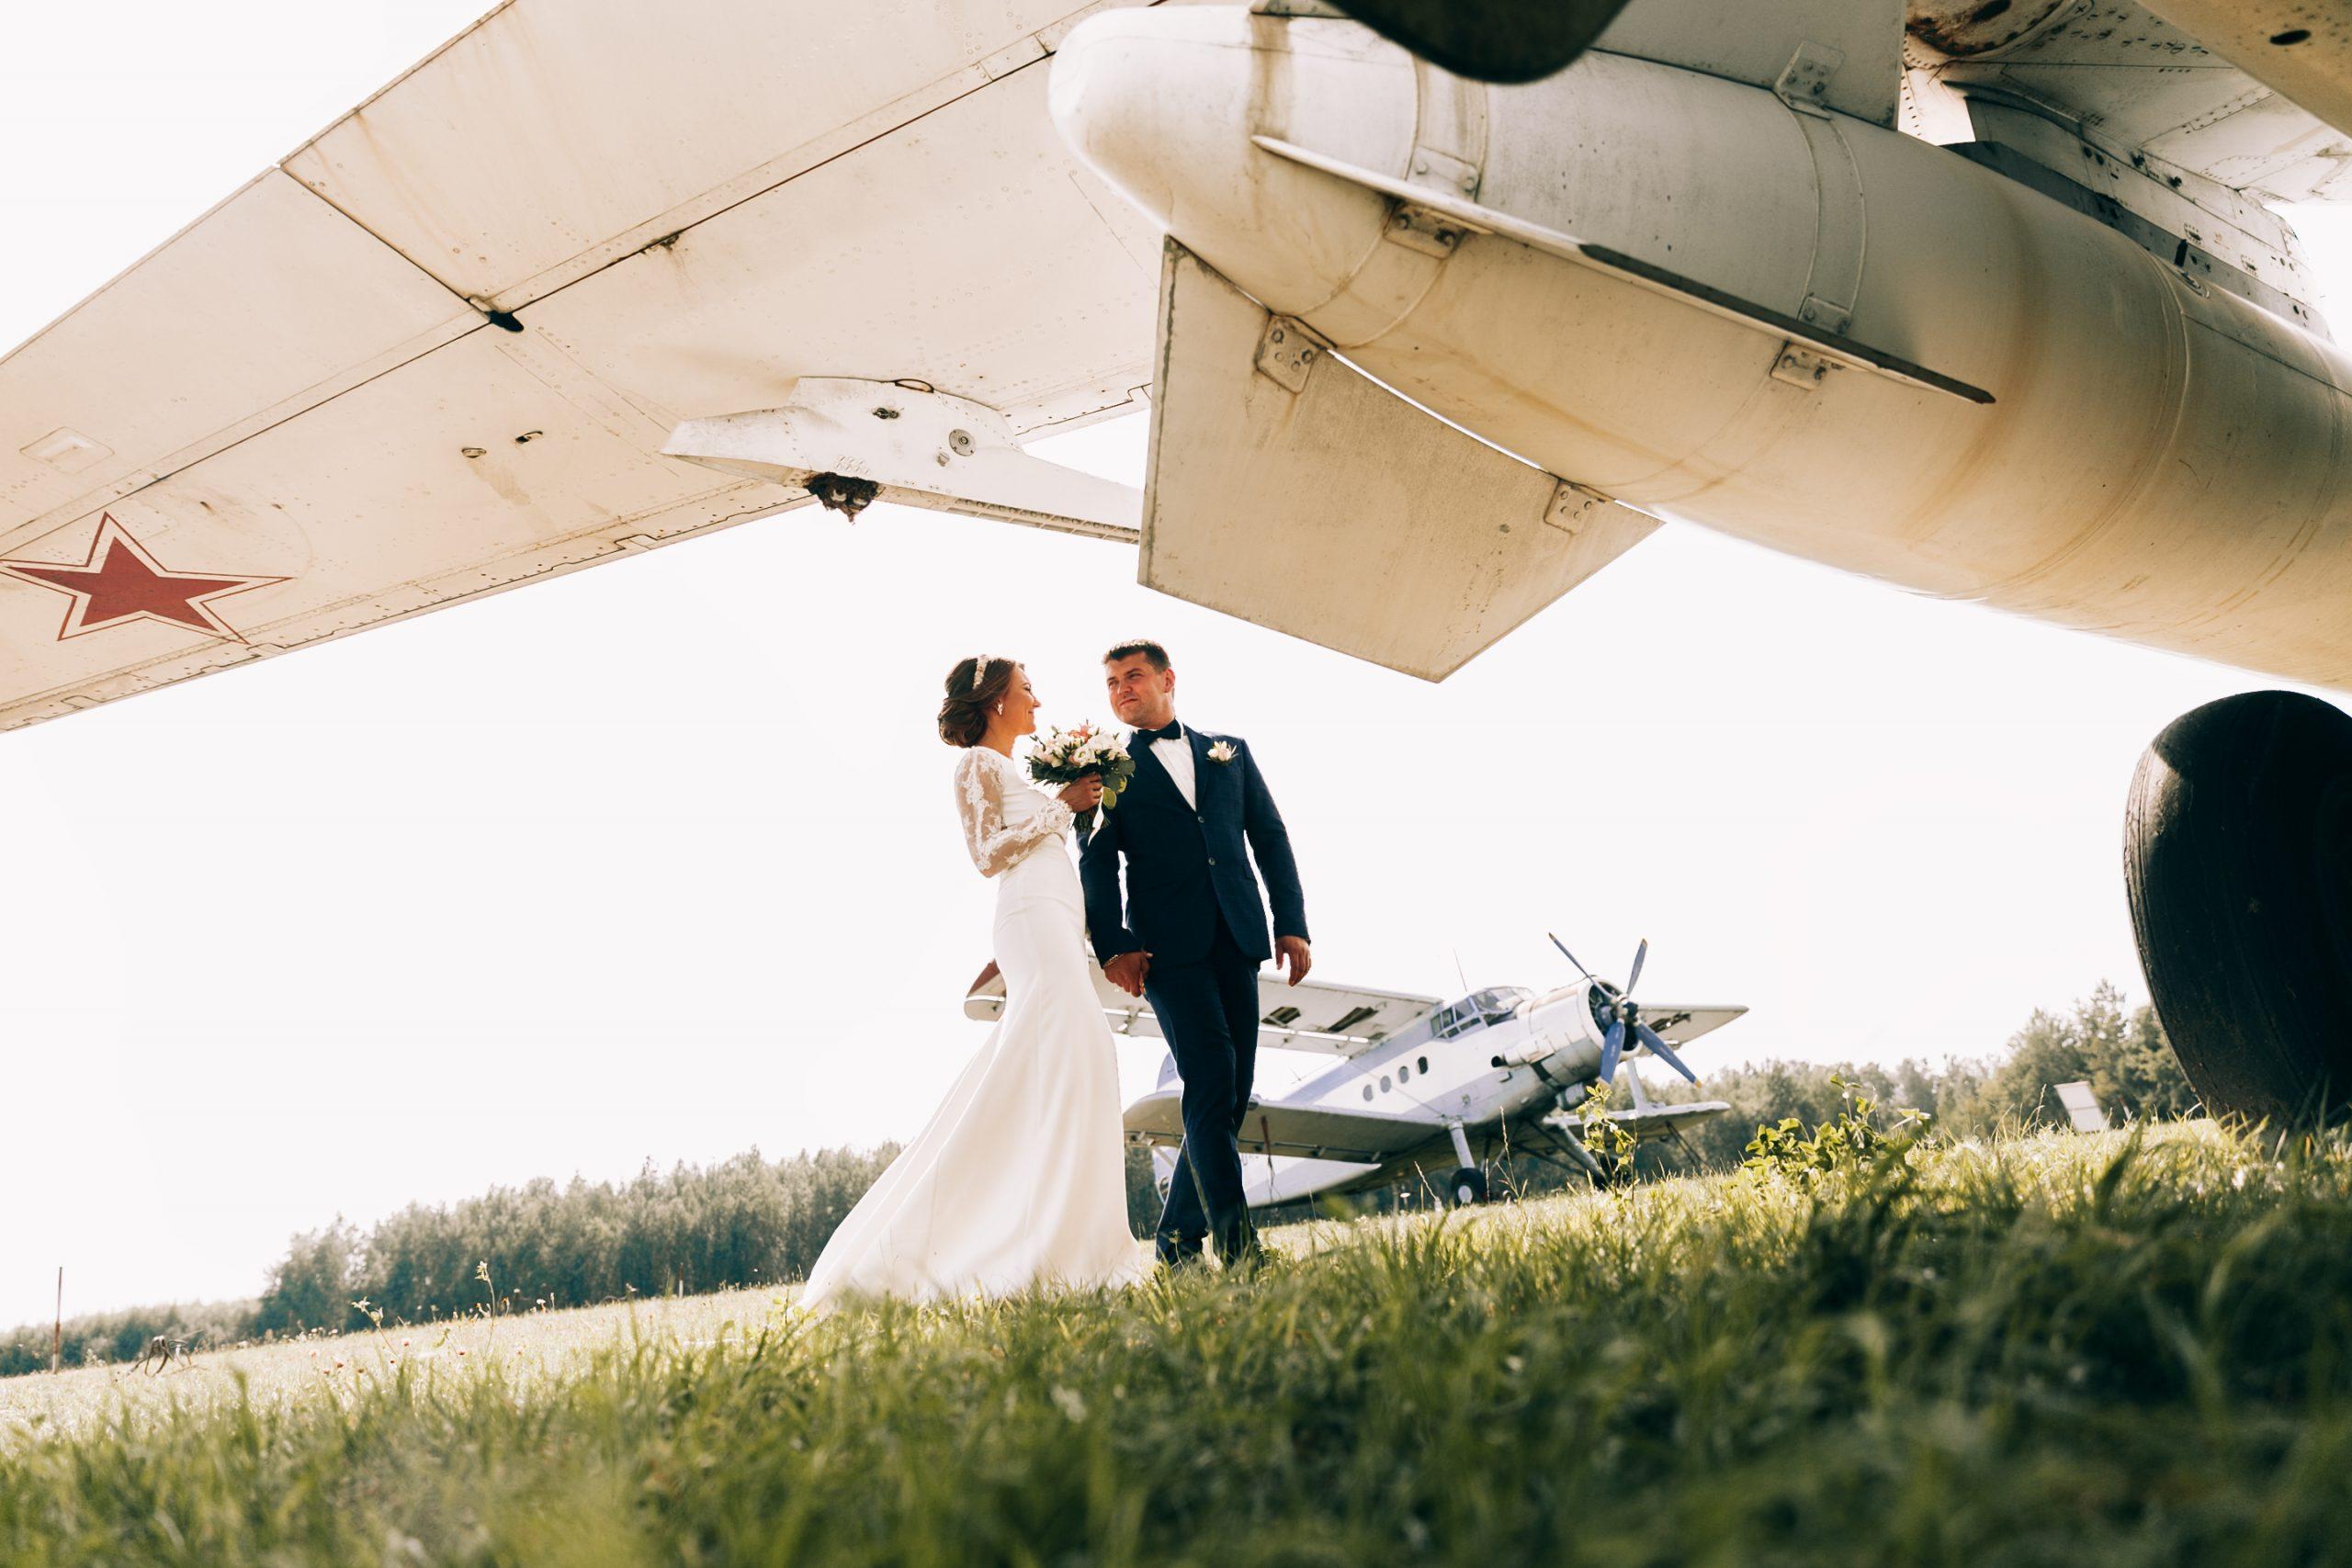 Idei de nunți inedite: Cum poți organiza o ceremonie subacvatică sau una în aer? - nuntapeplaja.ro